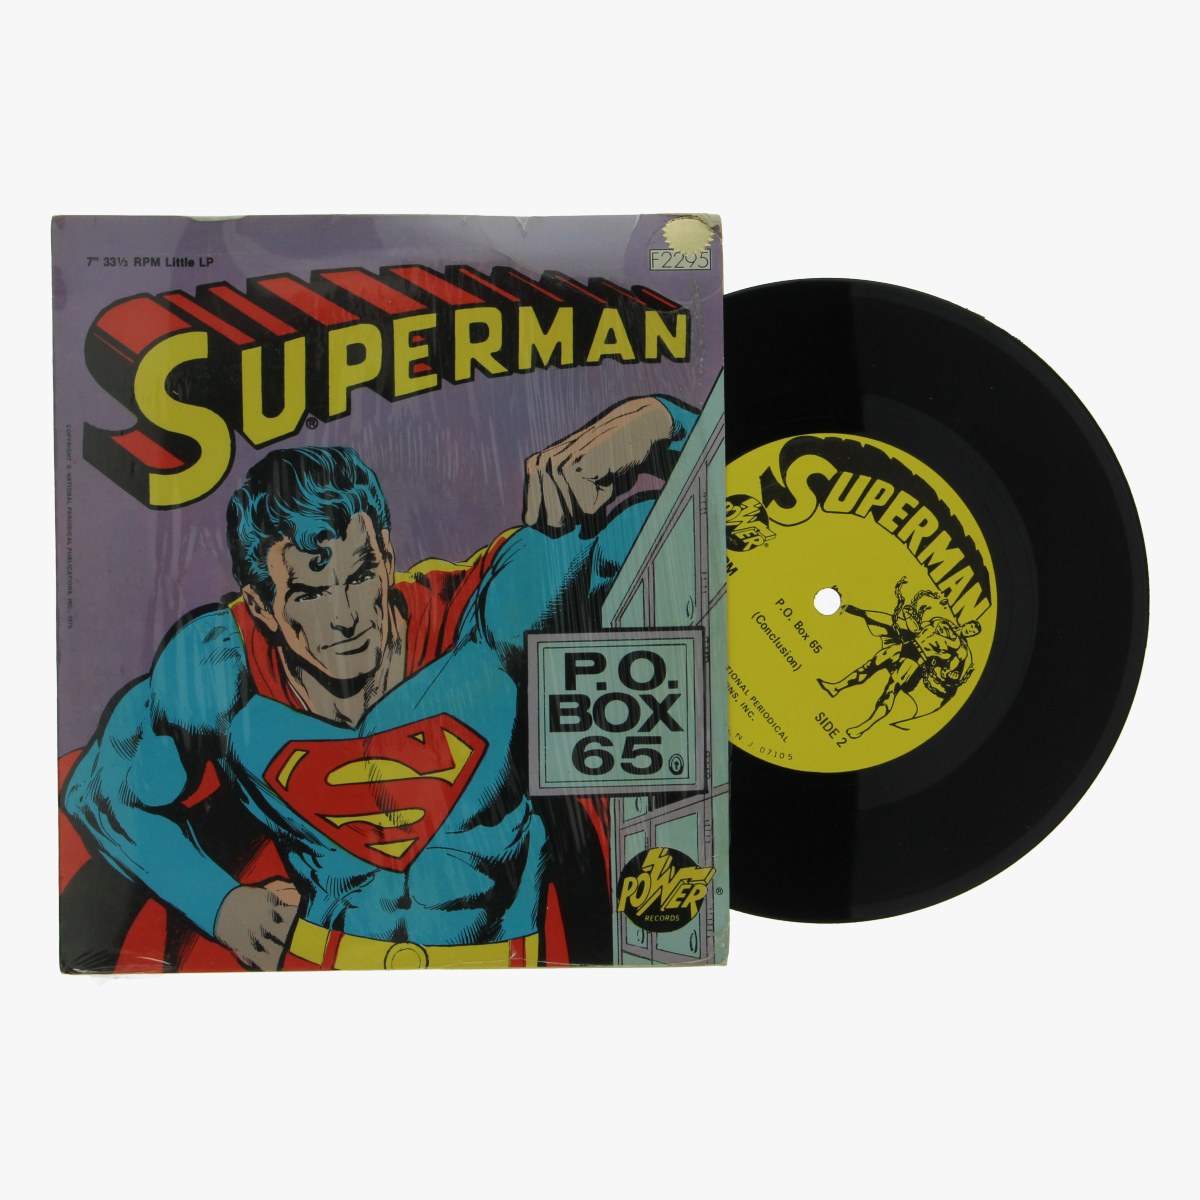 Afbeeldingen van superman singel P.O.BOX65 1975